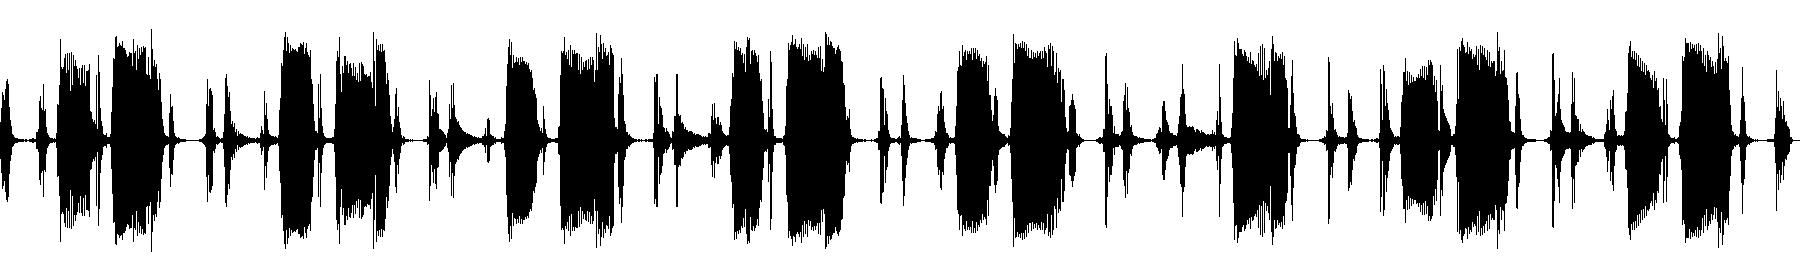 guitarfunk14 80